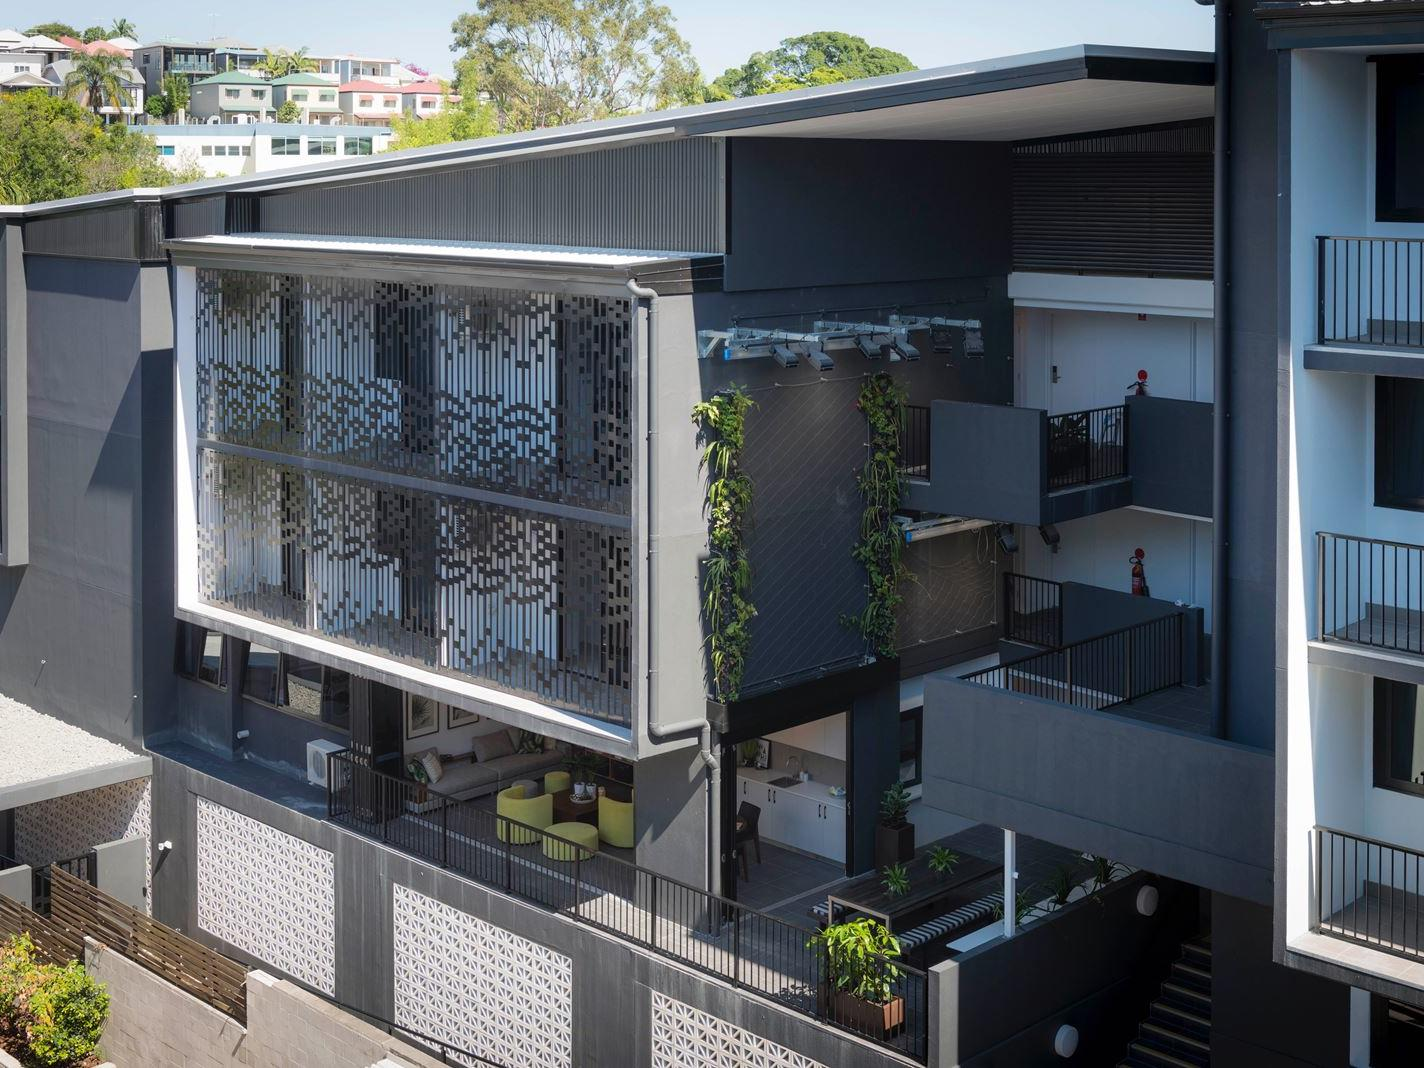 School Street Studios_Building